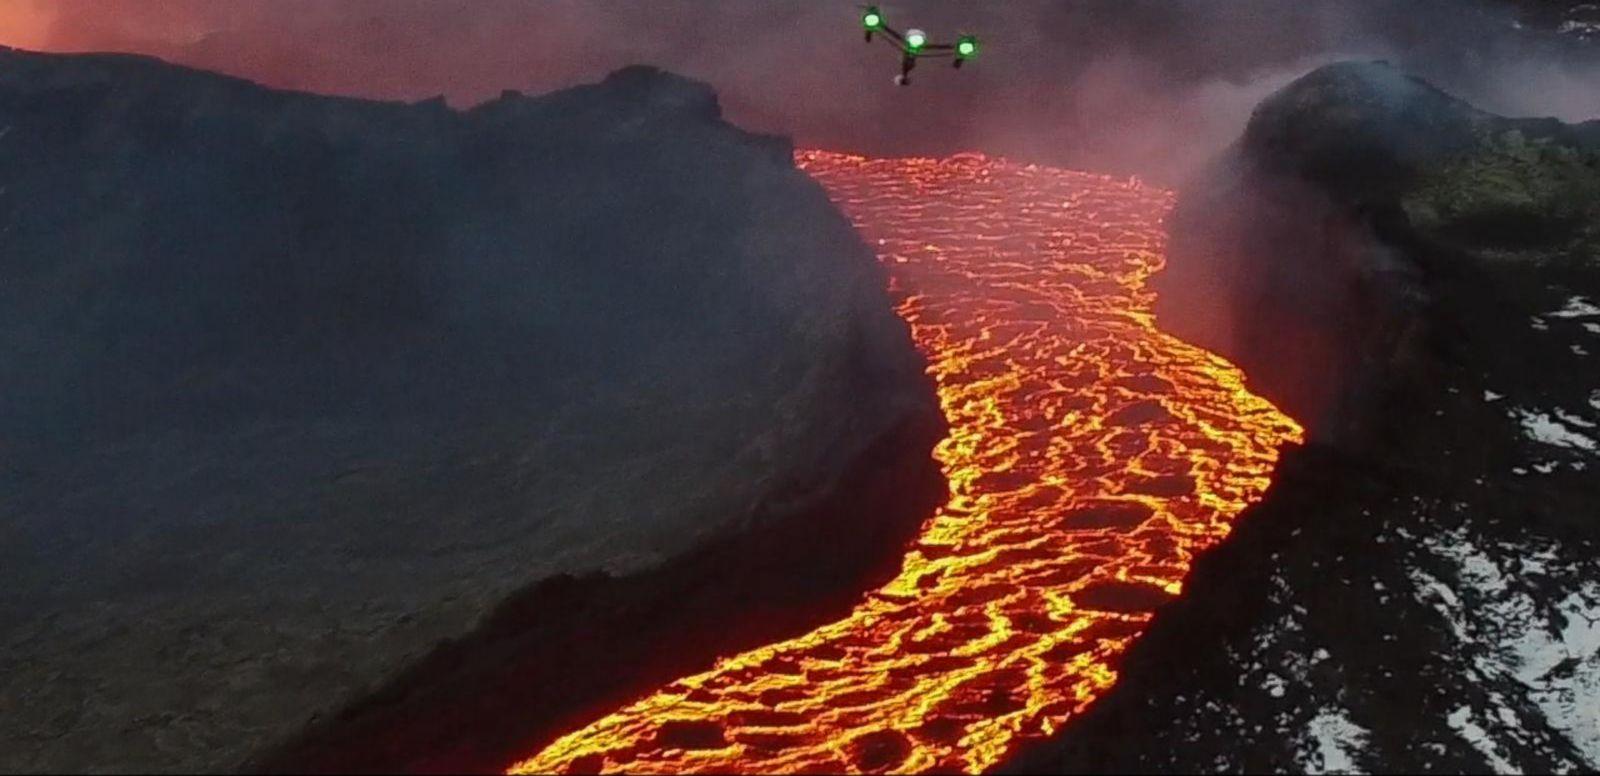 Drones Eye View Inside Erupting Volcano